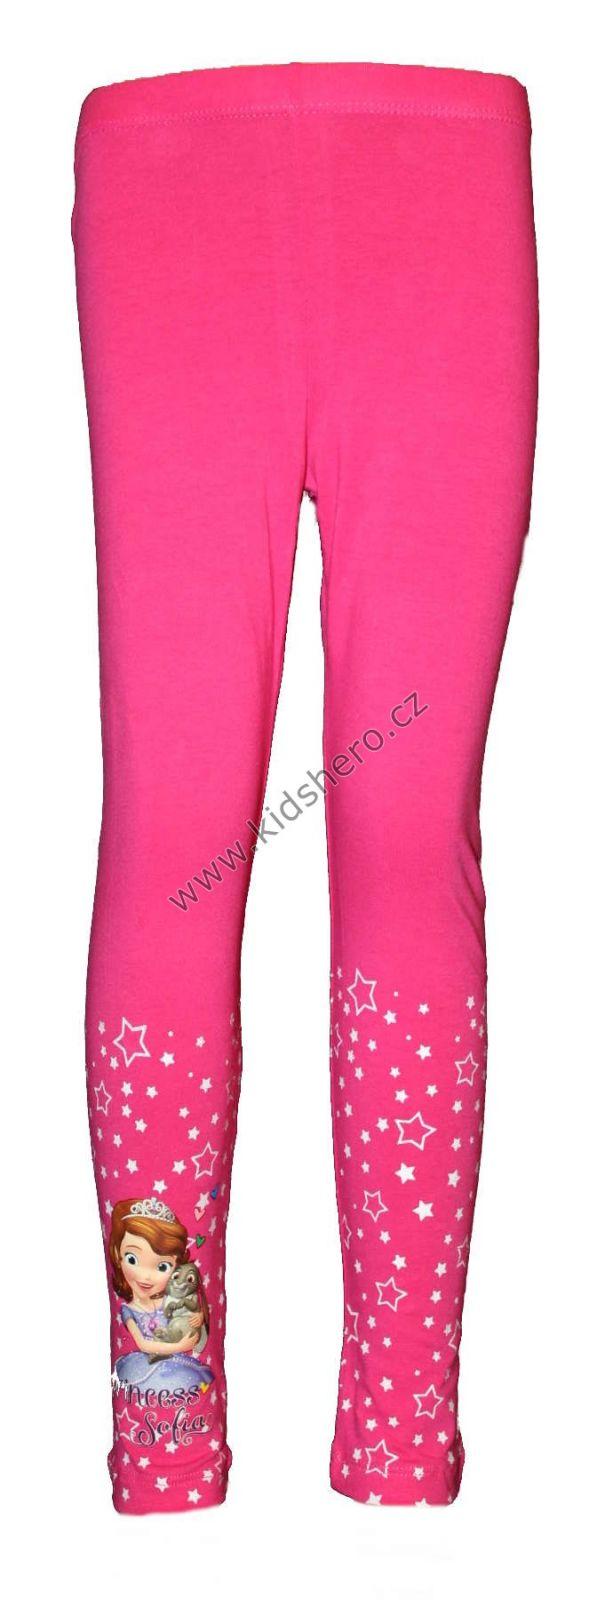 Bavlněné legíny - hvězdičky - SOFIA - růžové Disney